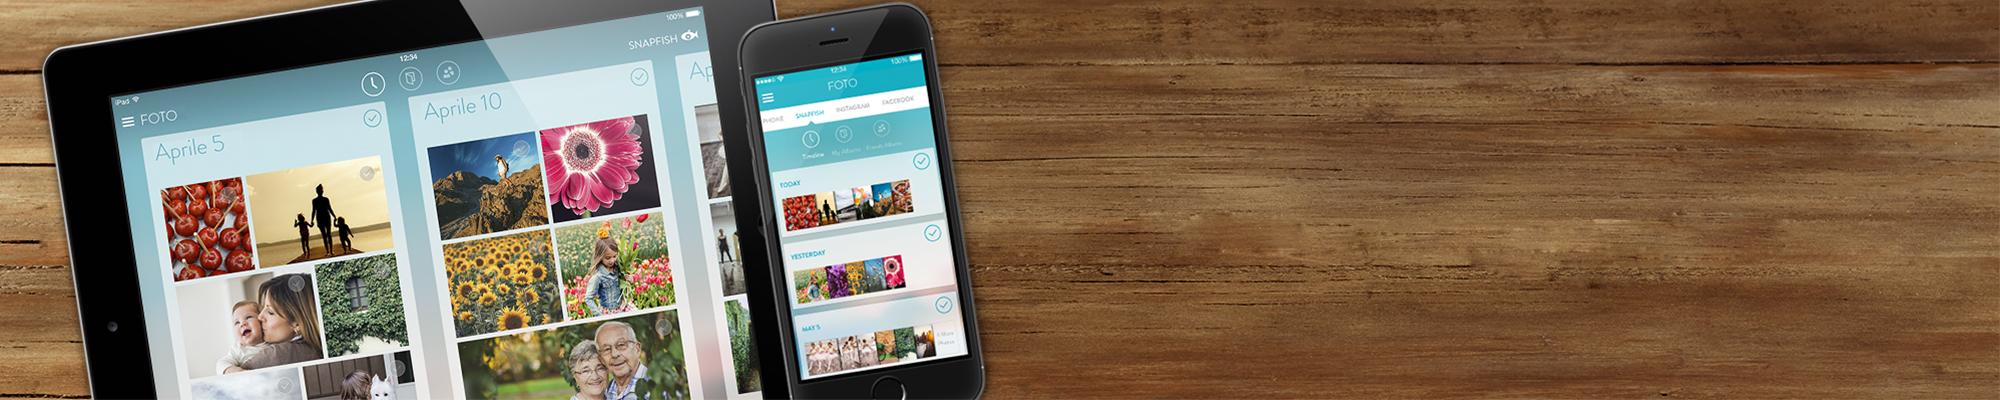 Snapfish App : Carica, guarda e condividi le tue foto ovunque ti trovi!